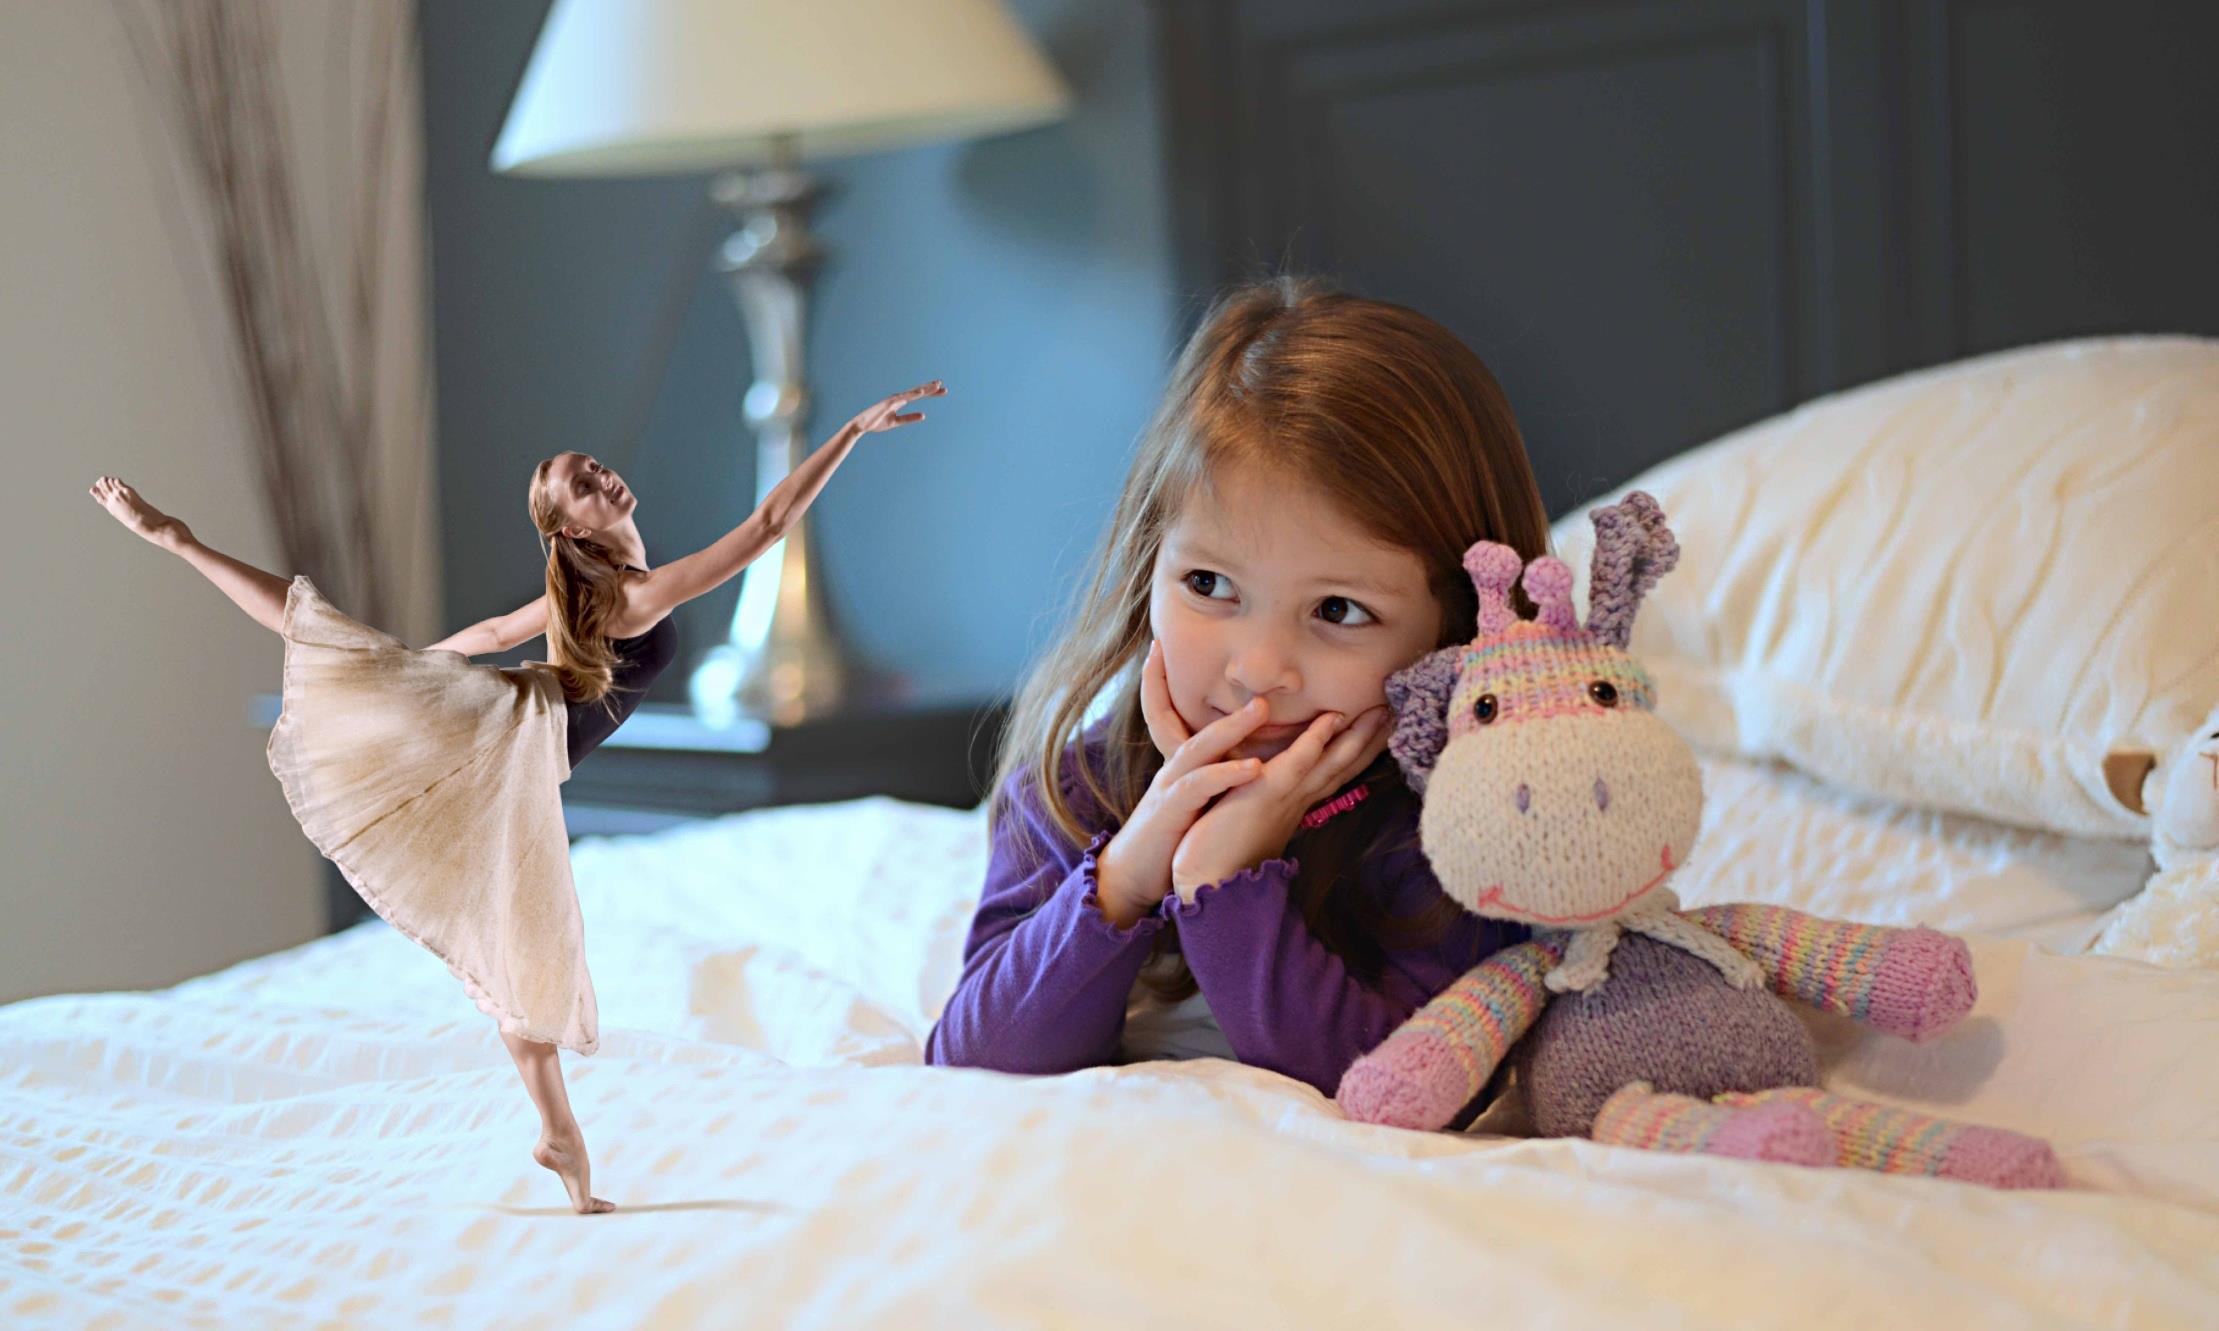 La realtà aumentata dal punto di vista di una bambina